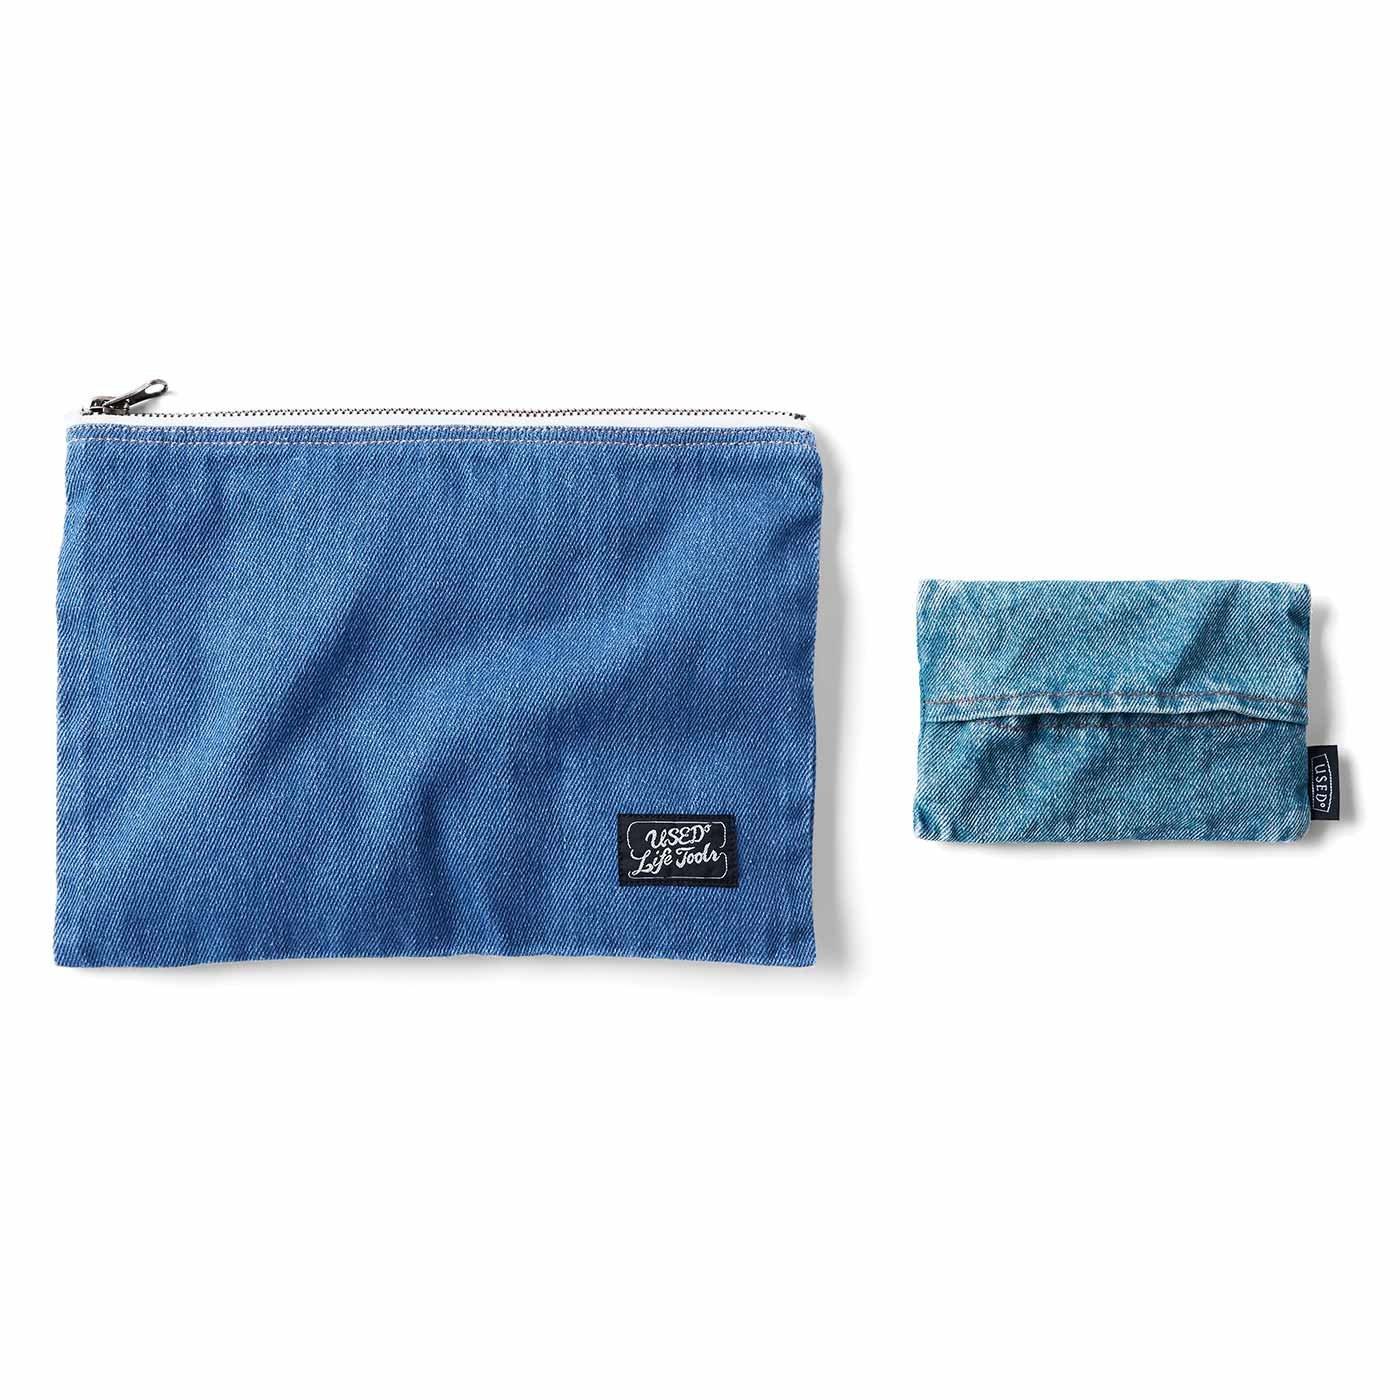 整理整とんの達人に! 暮らしがすっきりしていく 毎日使いの青い小物〈ポーチ&ポケットティッシュケース〉